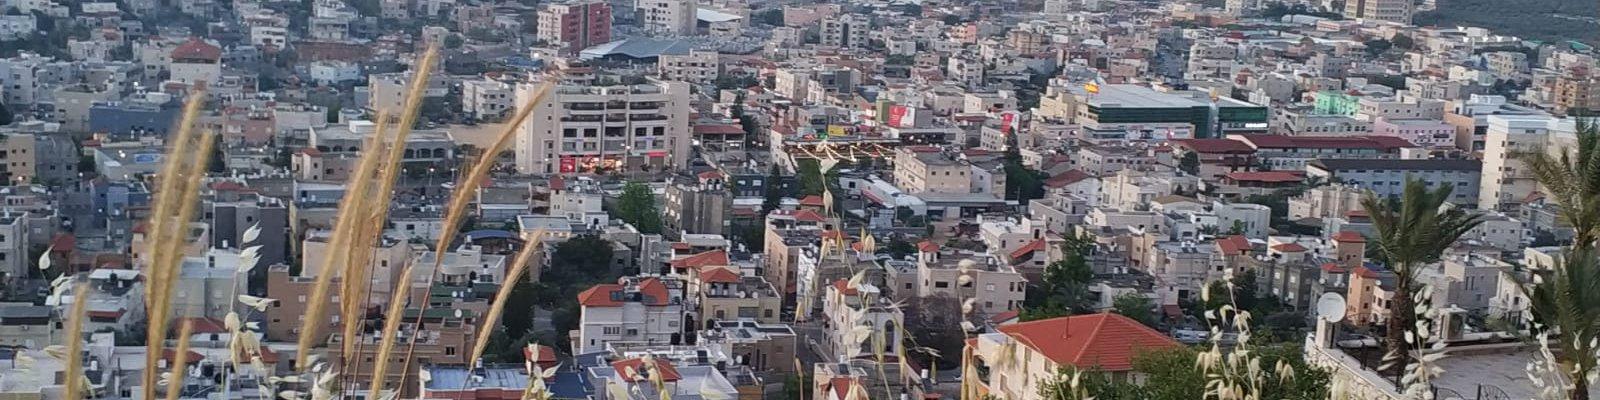 תצפית על העיר סח_נין